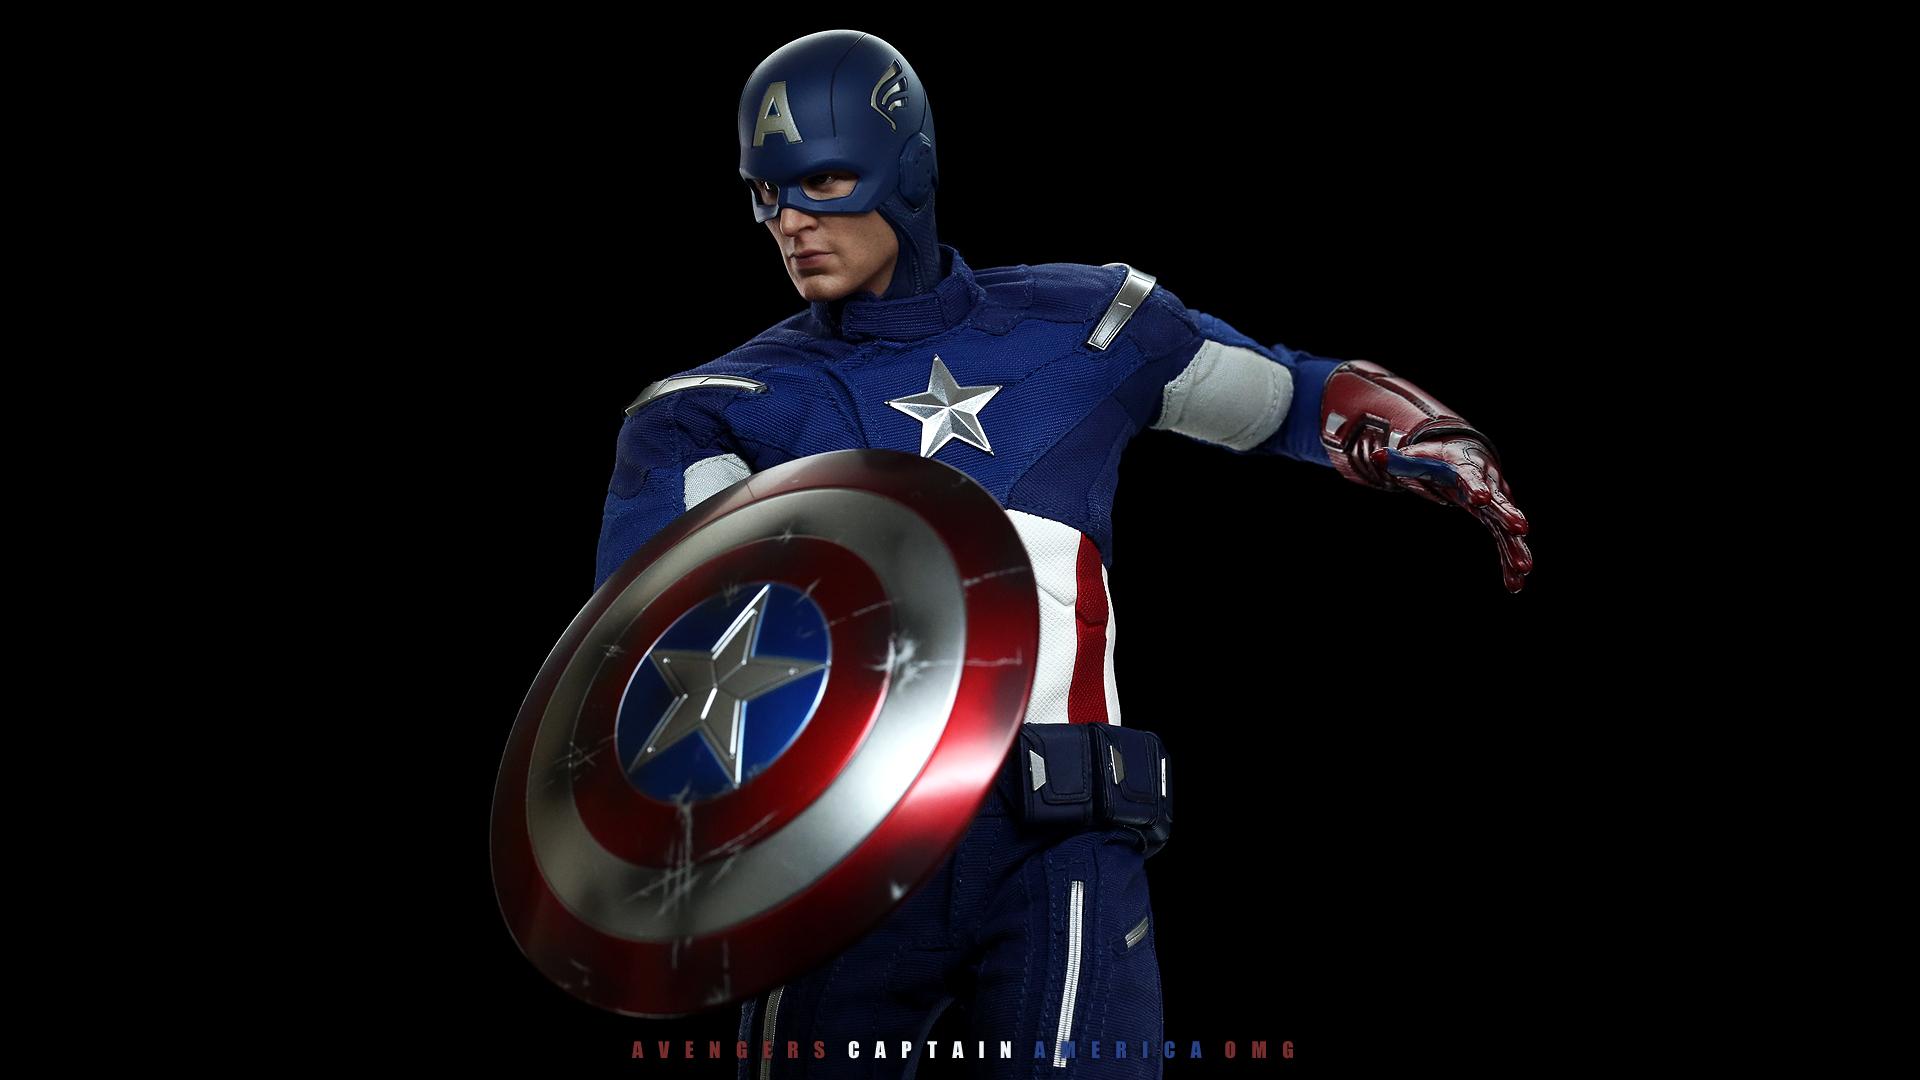 Captain America Desktop Wallpaper - WallpaperSafari